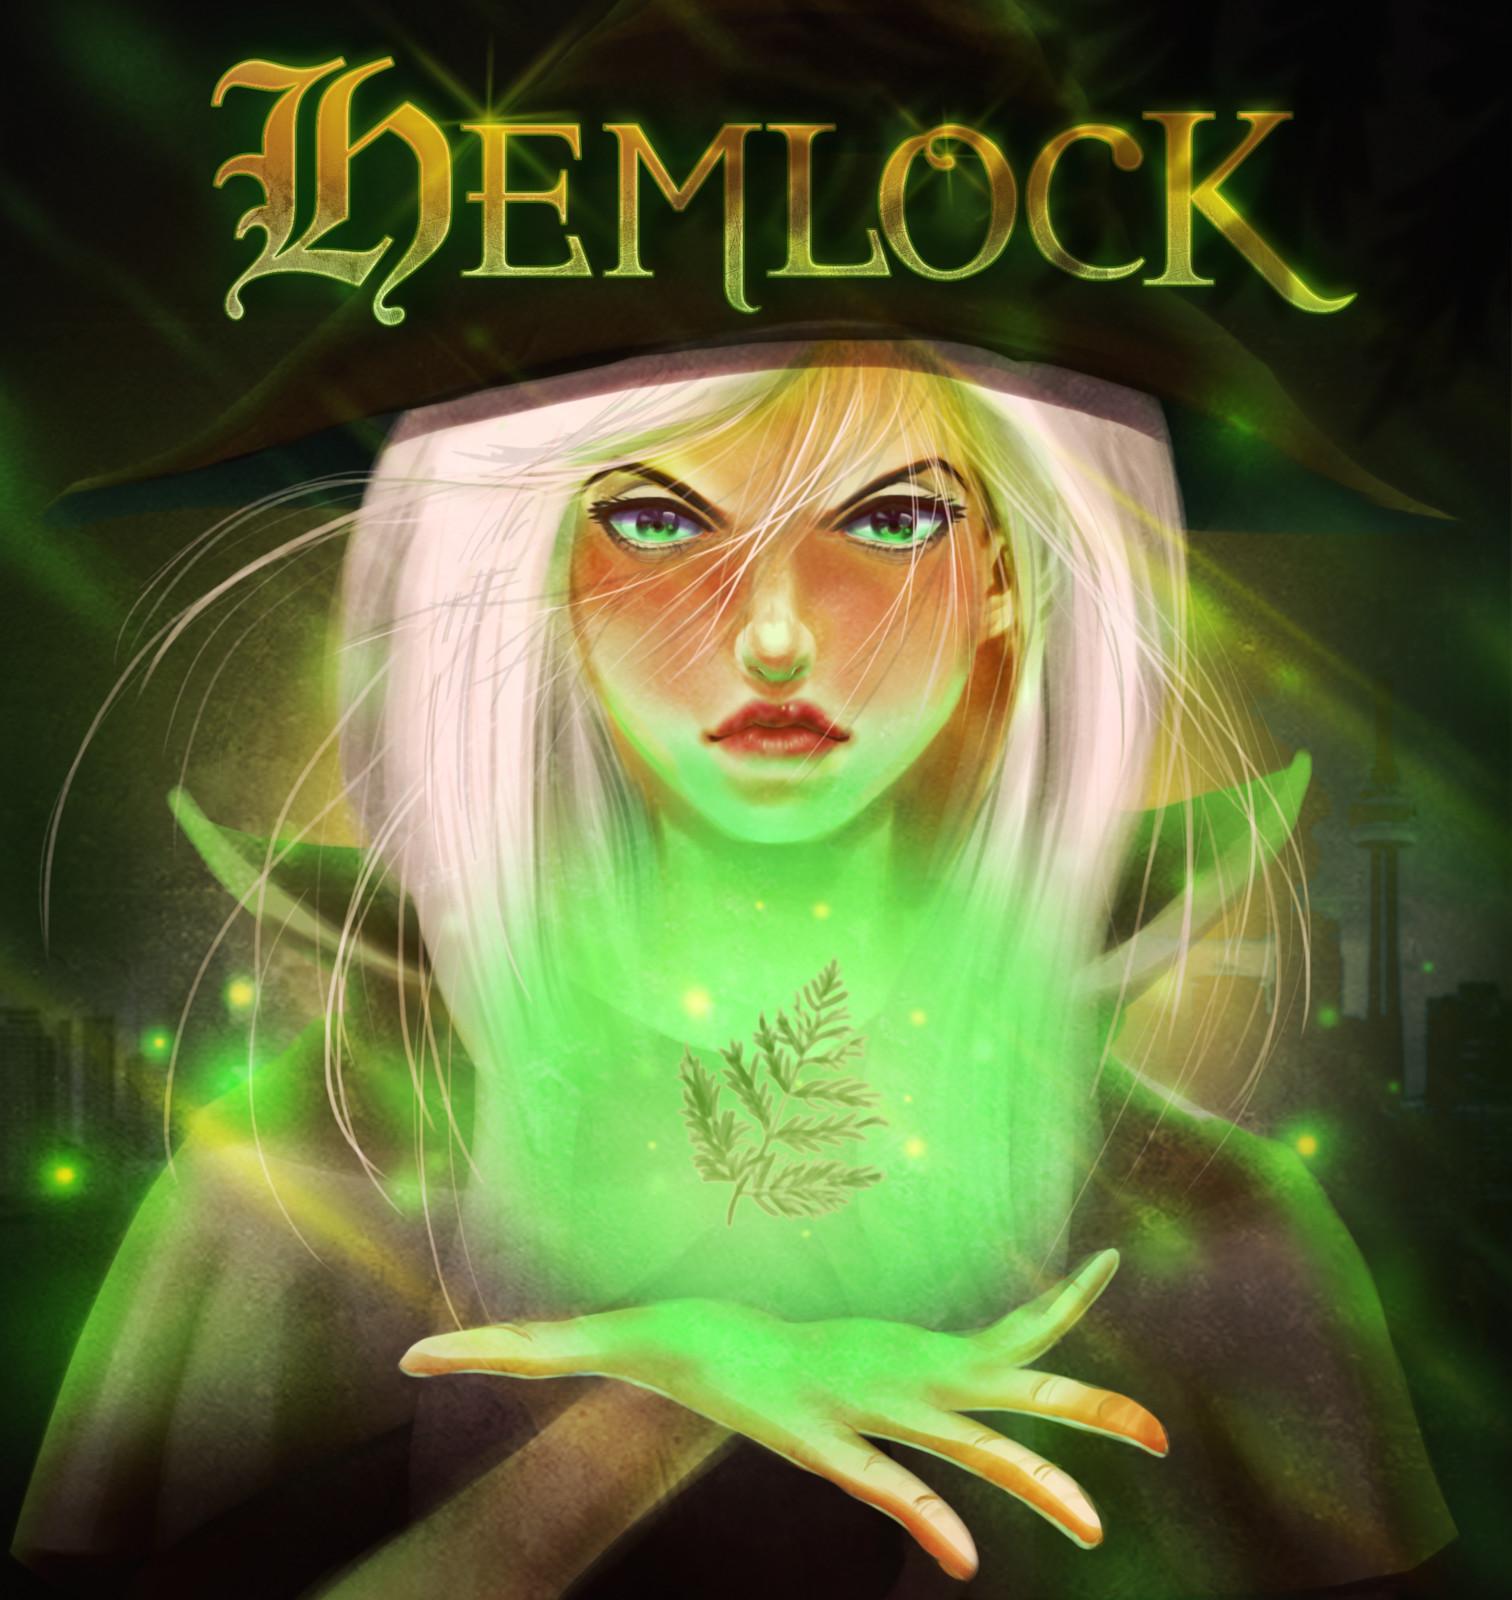 Hemlock Concept Art